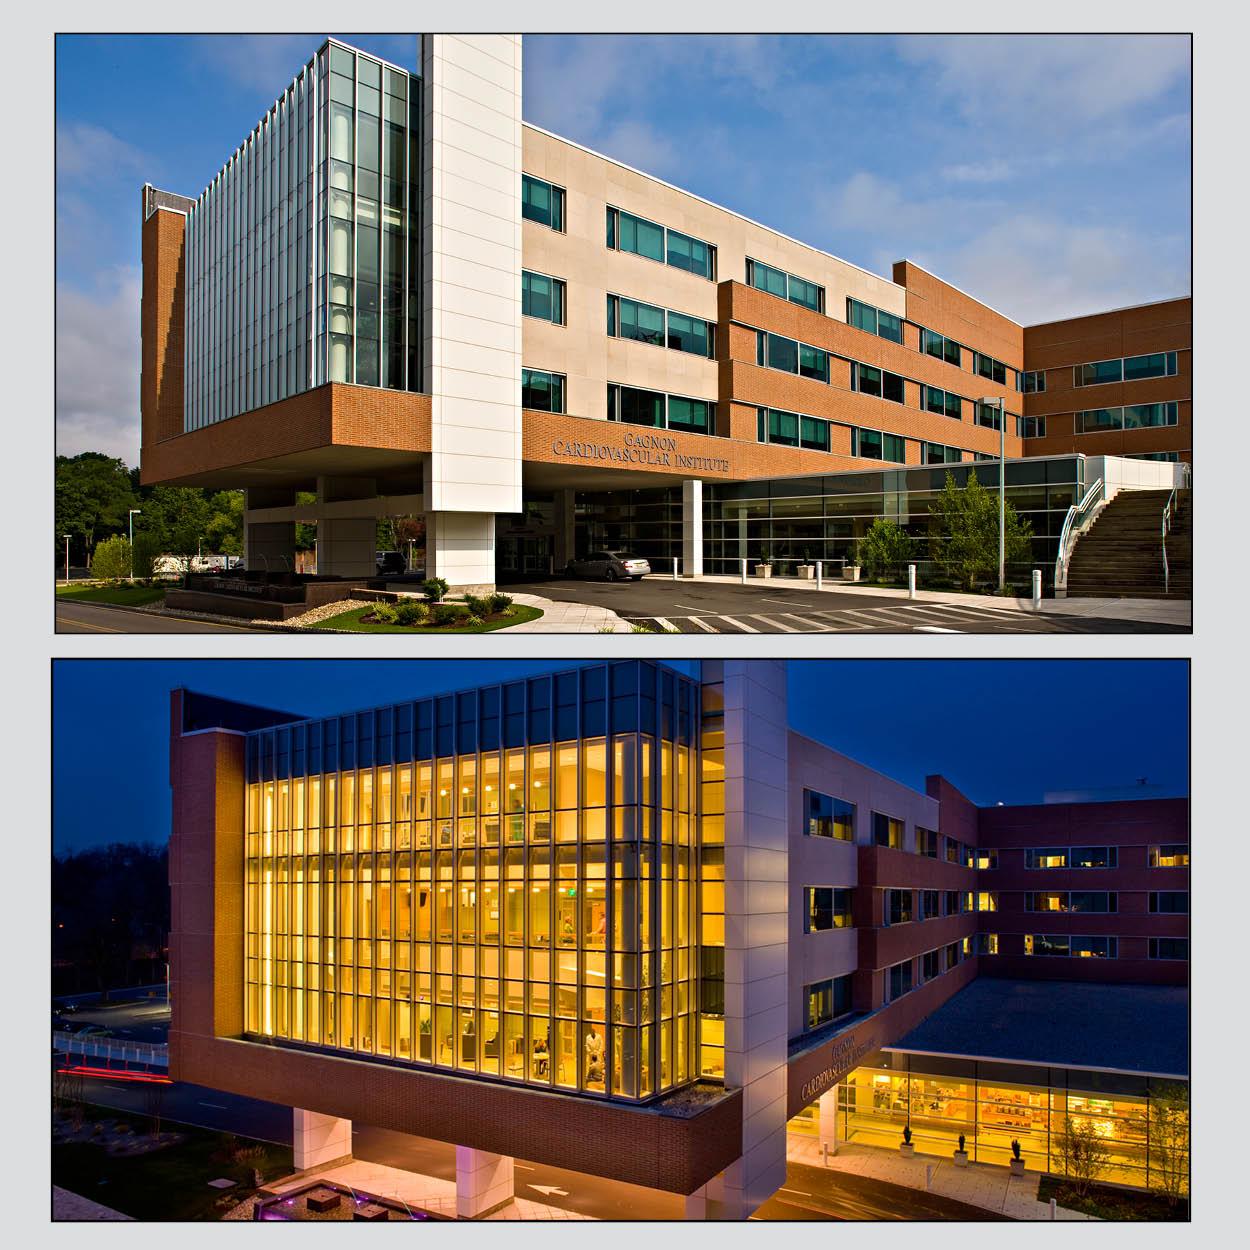 morristown-medical-center